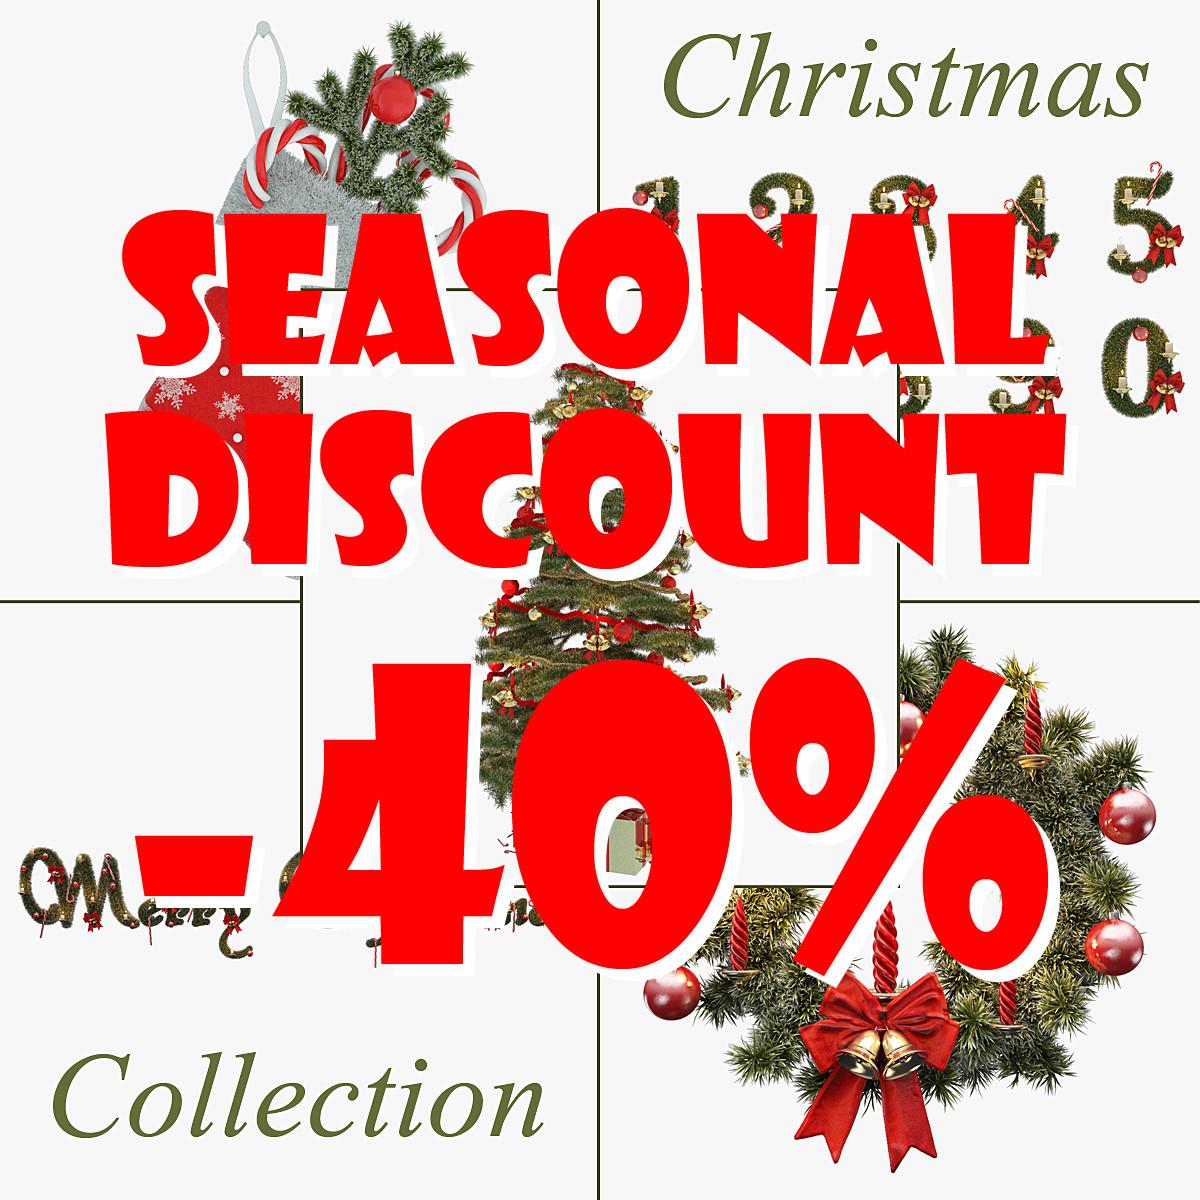 Christmas Collection seasonal discount.jpg